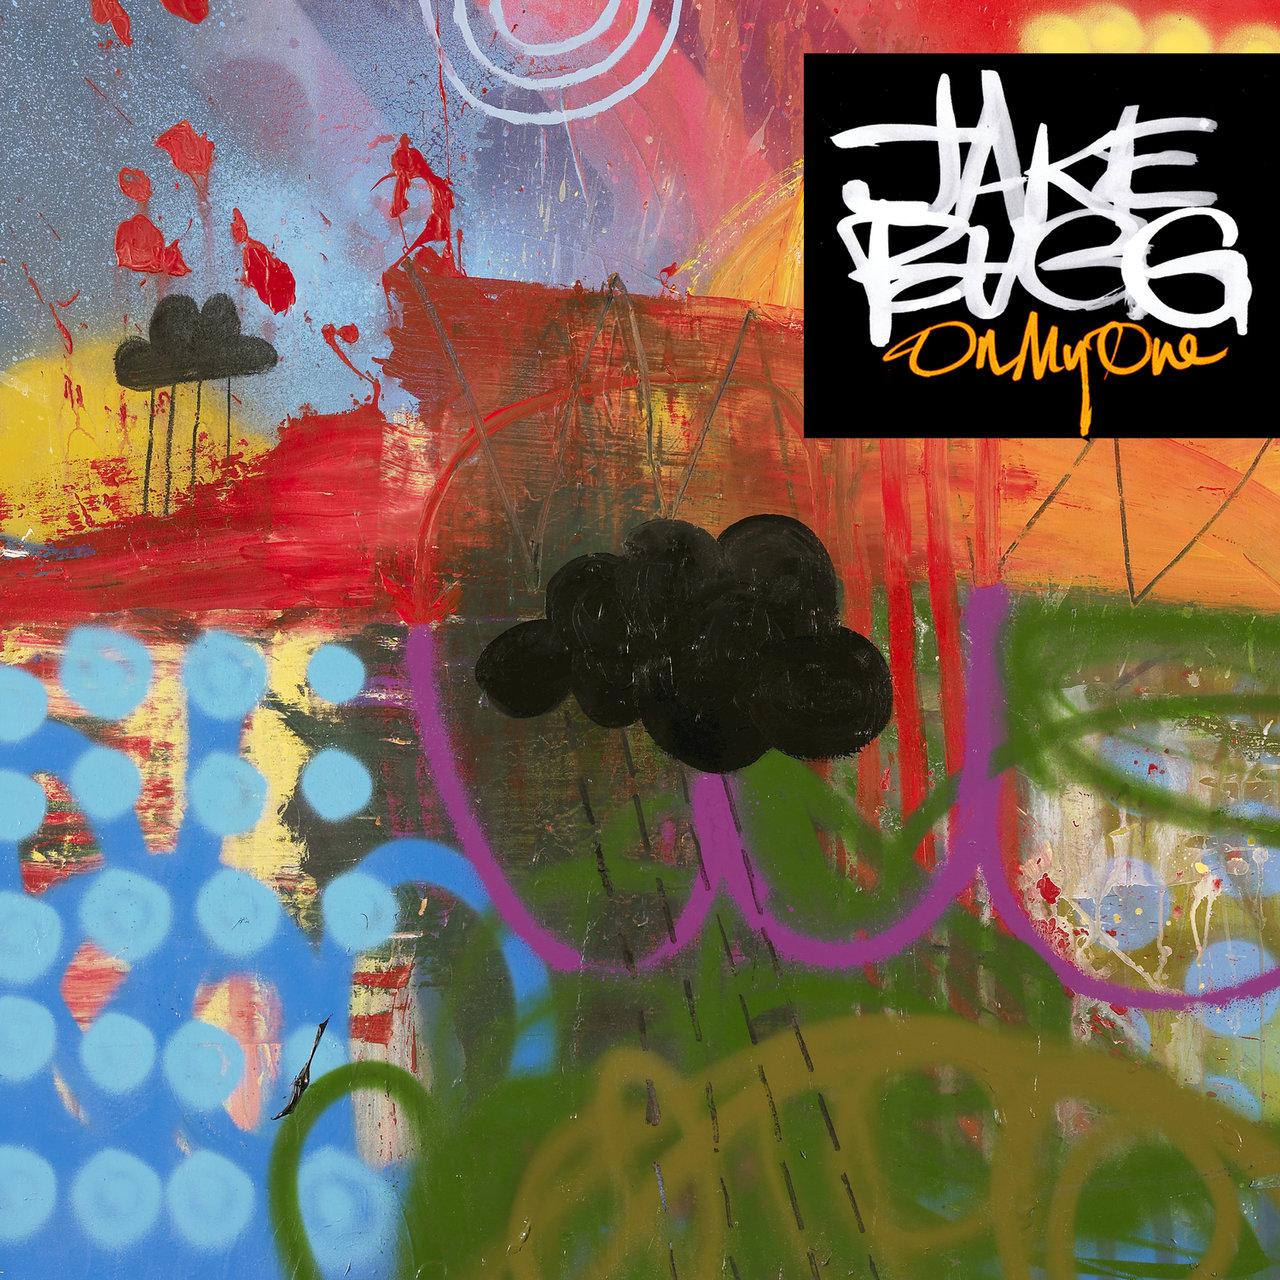 JAKE BUGG – On myone